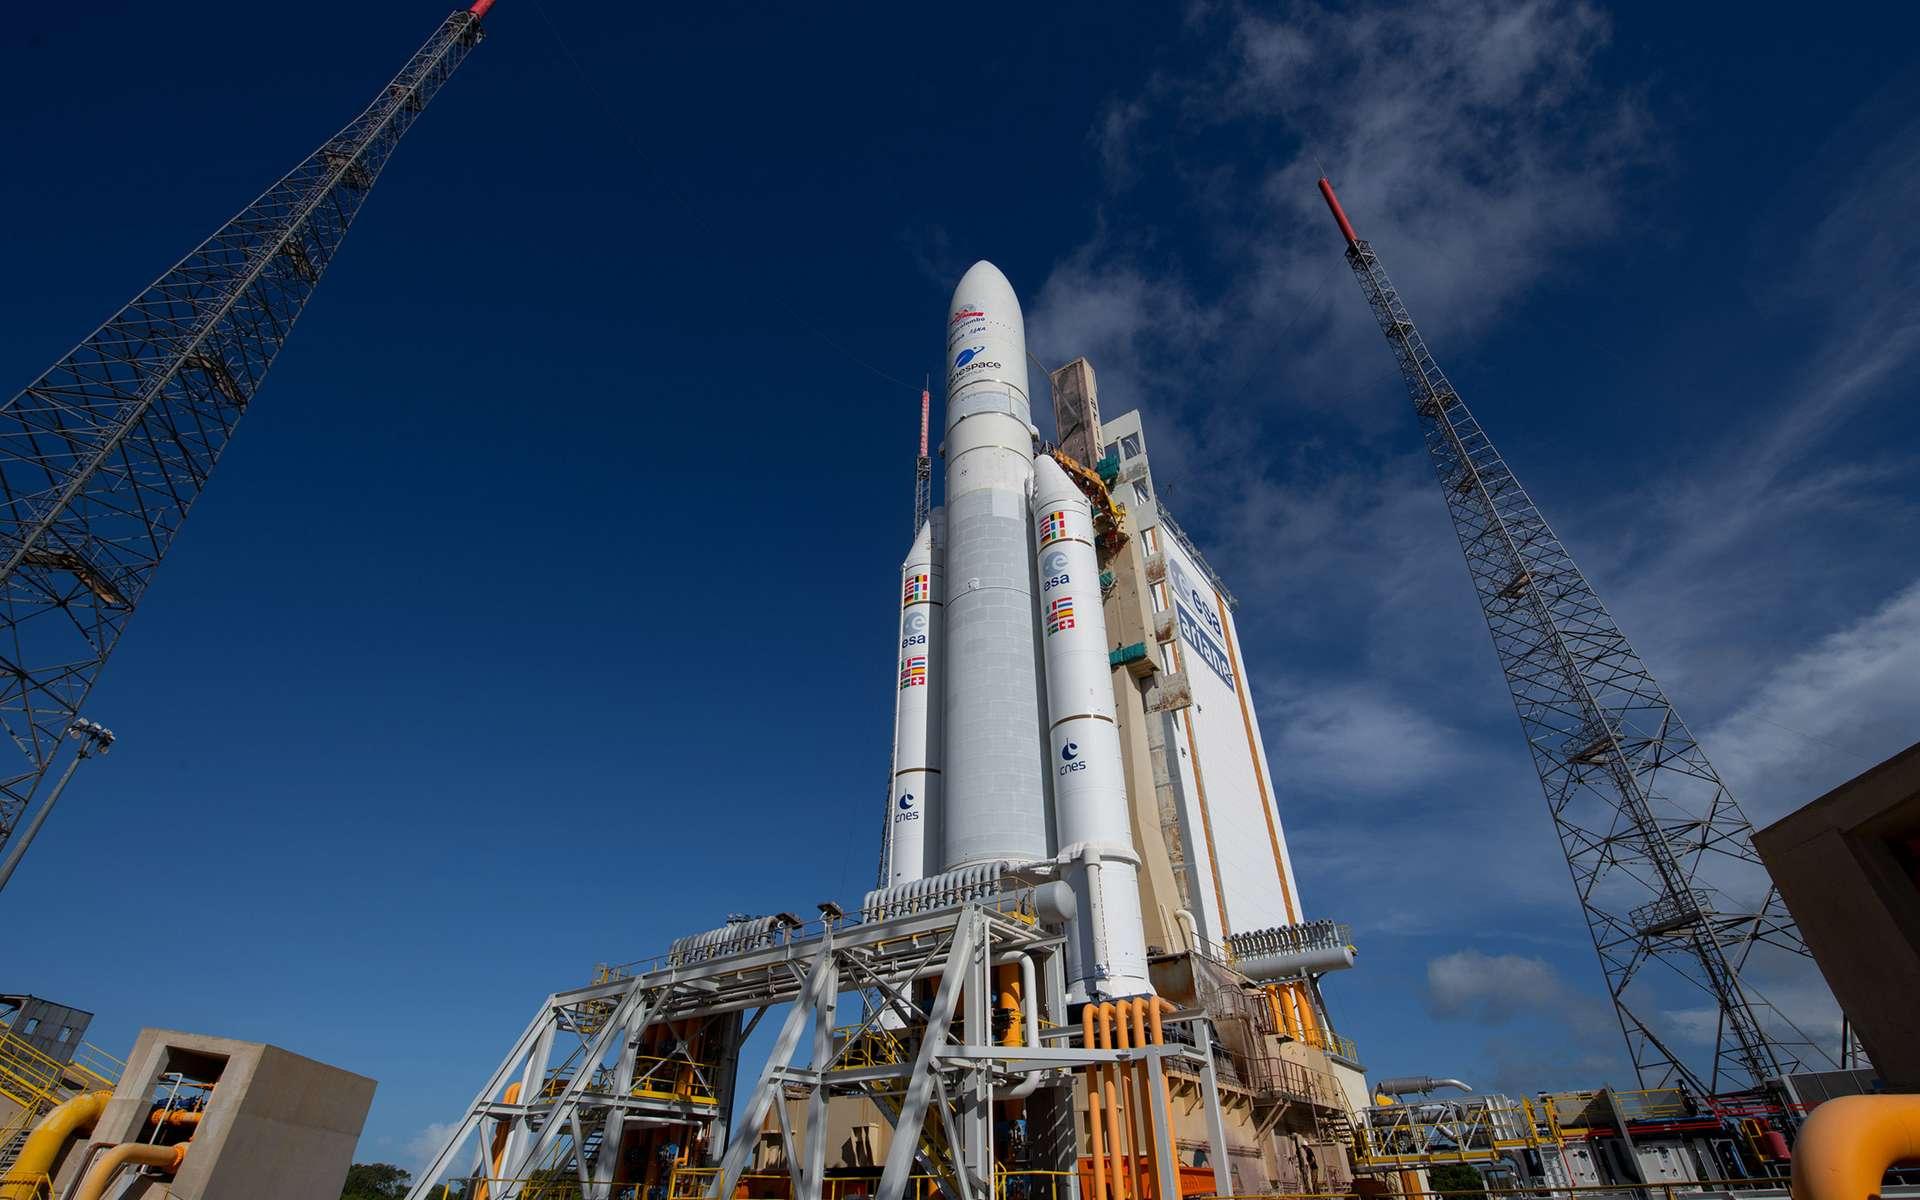 Ariane 5, sur son pas de tir du Centre spatial guyanais, avec à son bord le satellite BepiColombo de l'Agence spatiale européenne. © ESA, S. Corvaja